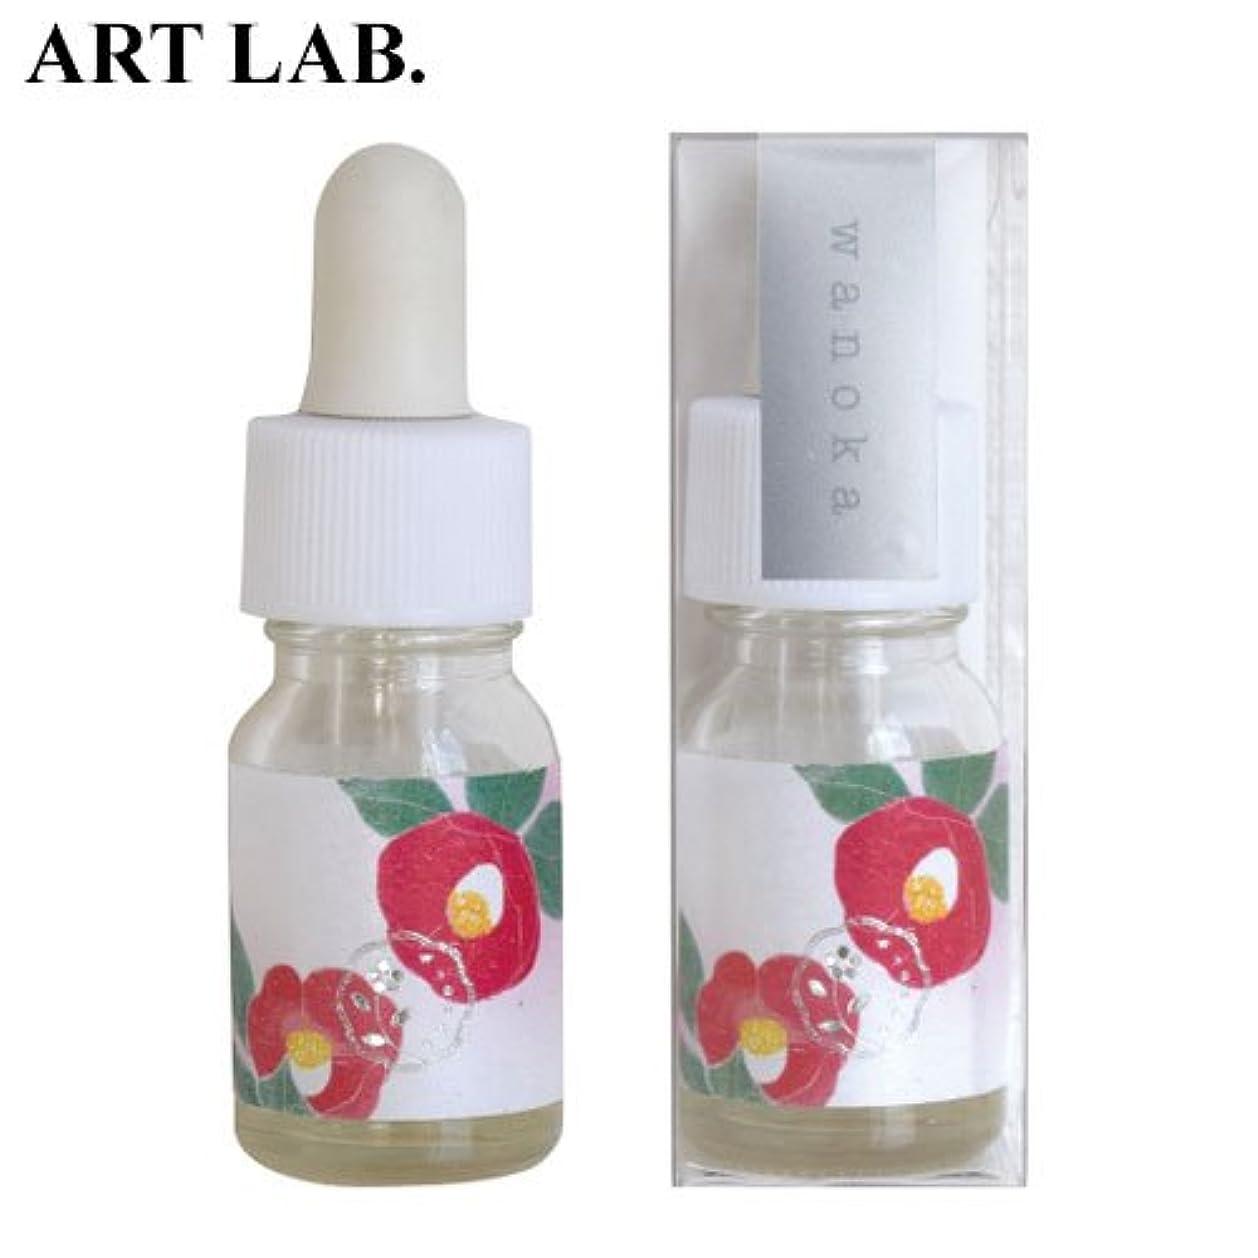 マーティフィールディングアーカイブ主wanoka香油アロマオイル椿《おしとやかで深みのある香り》ART LABAromatic oil